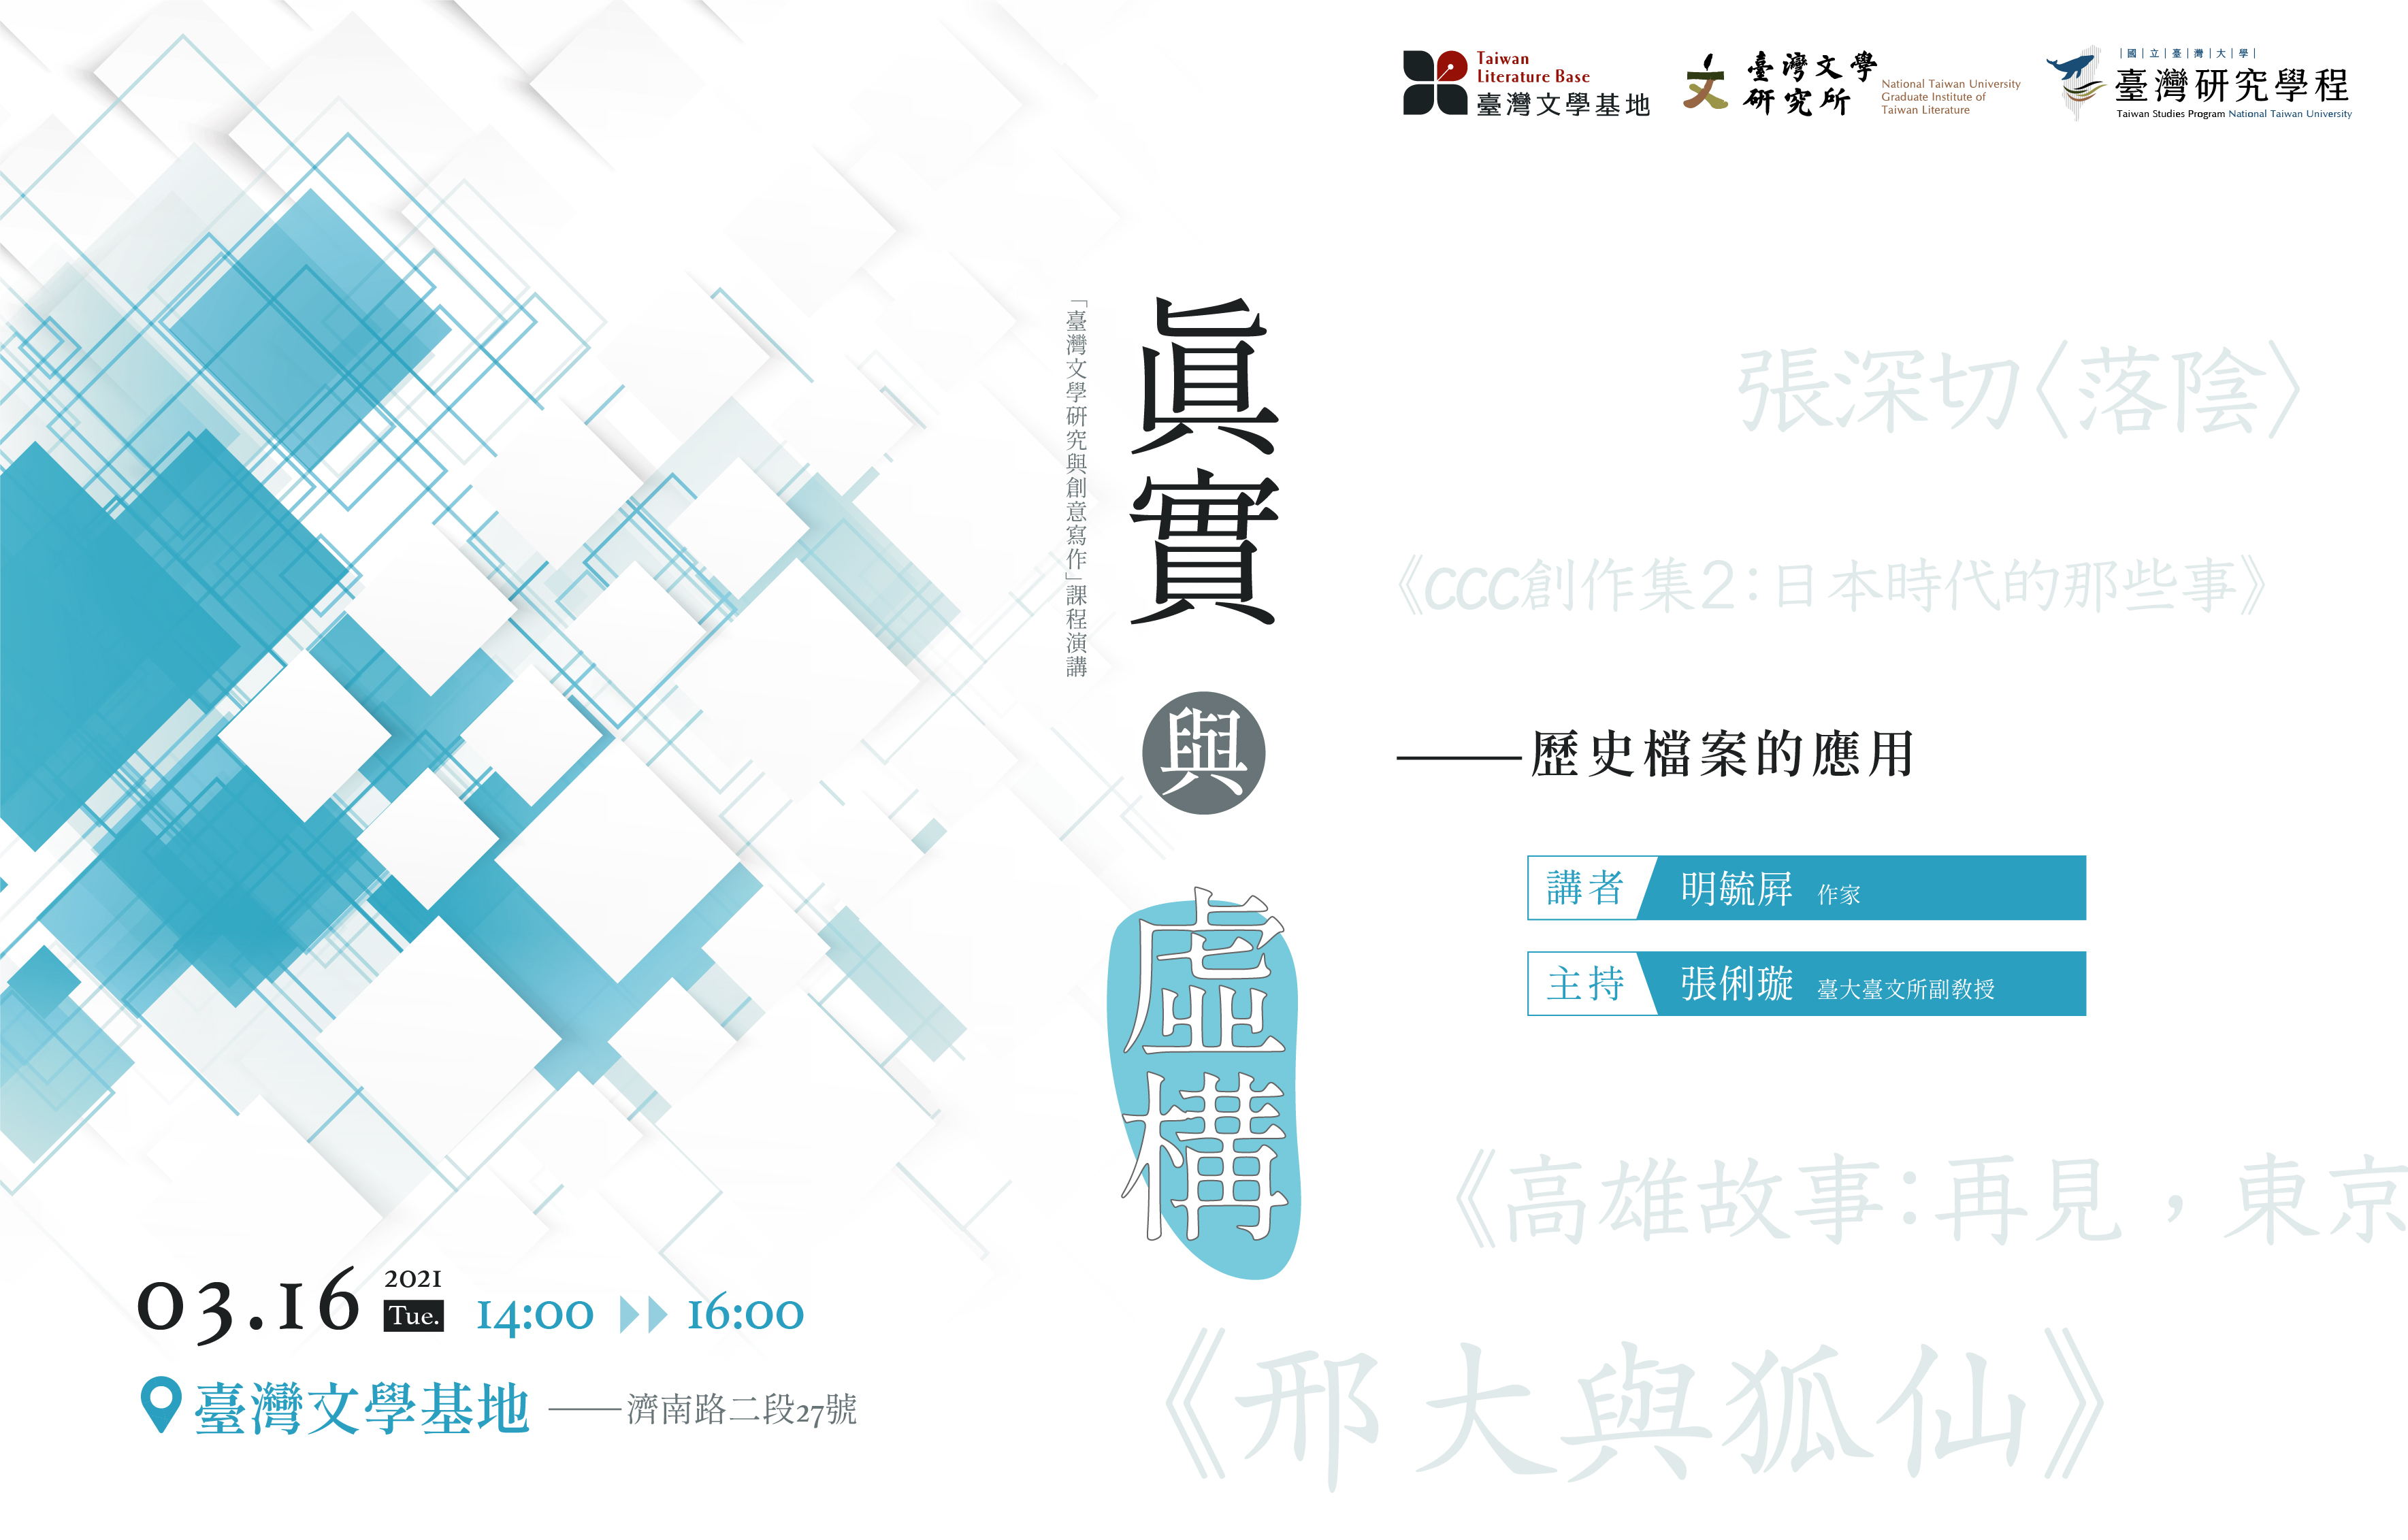 【臺灣文學基地】真實與虛構:歷史檔案的應用